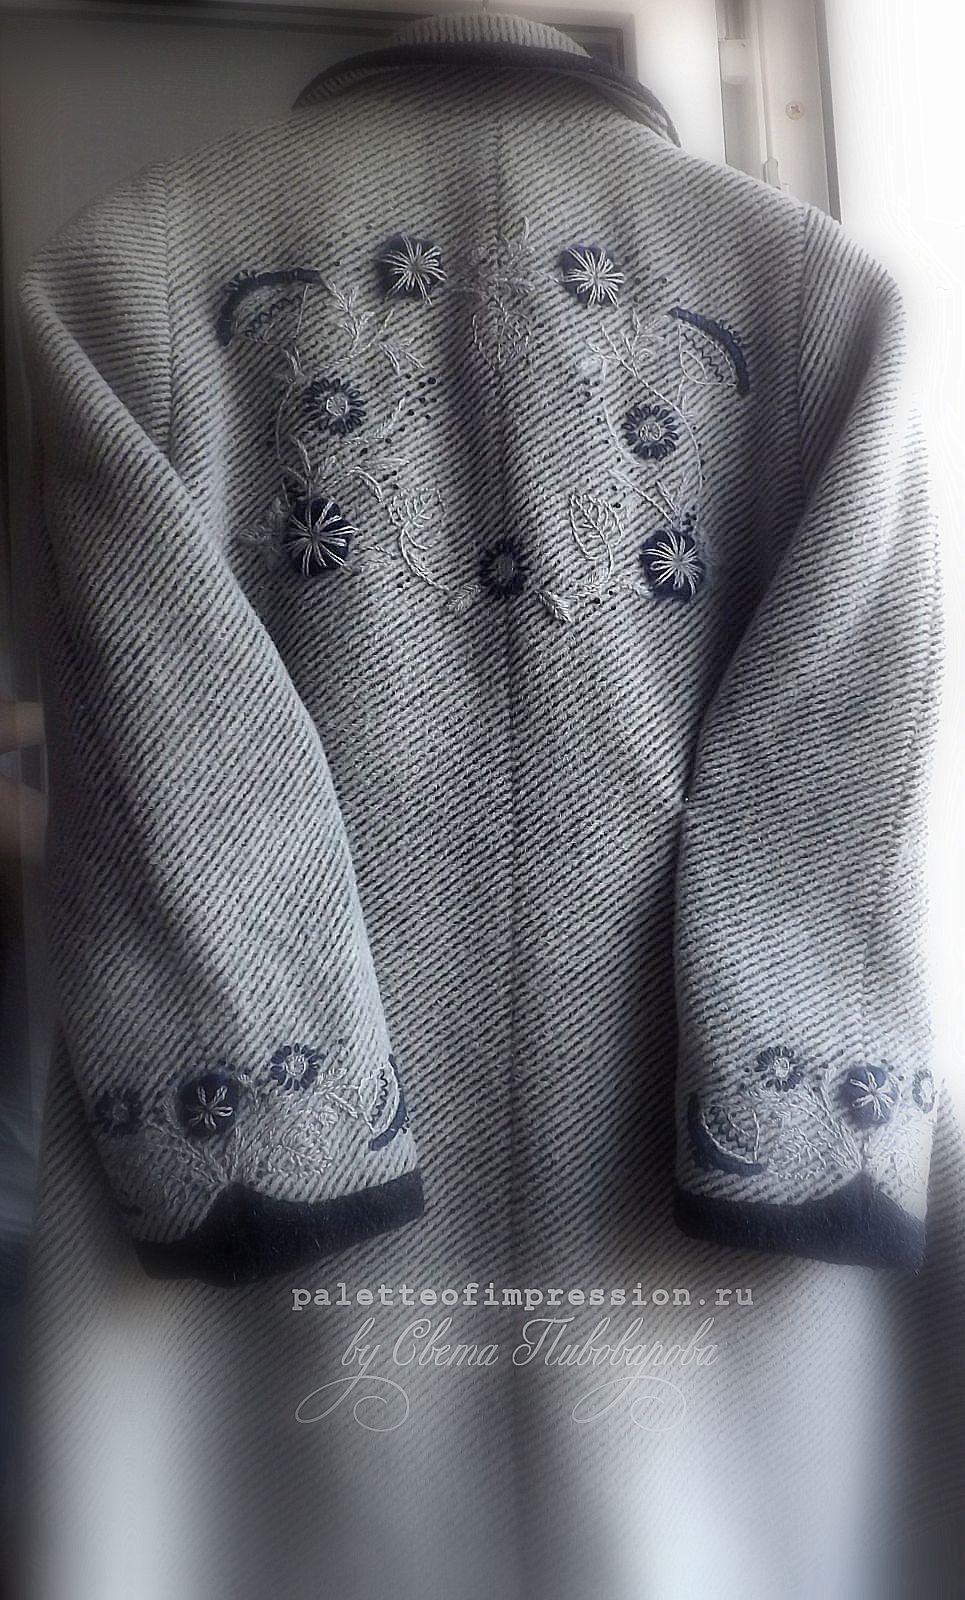 Весенняя вышивка на пальто. Различные швы. Шовчики.